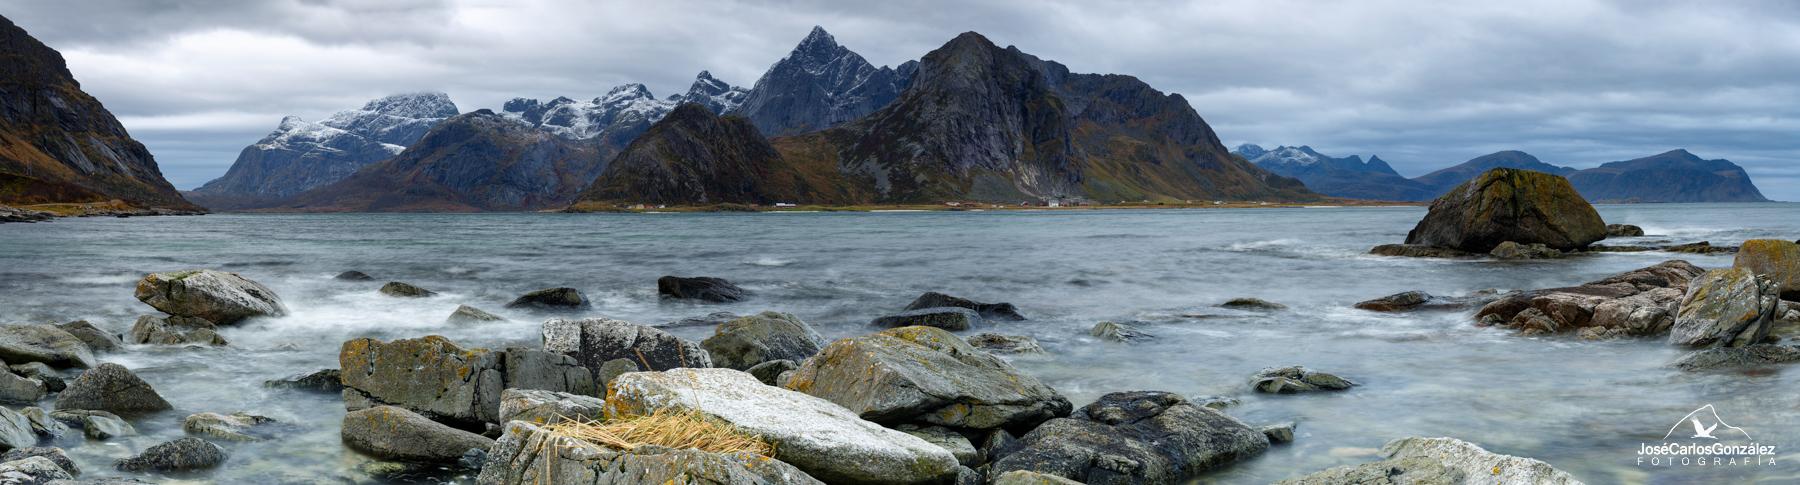 Islas Lofoten - Vareid IV